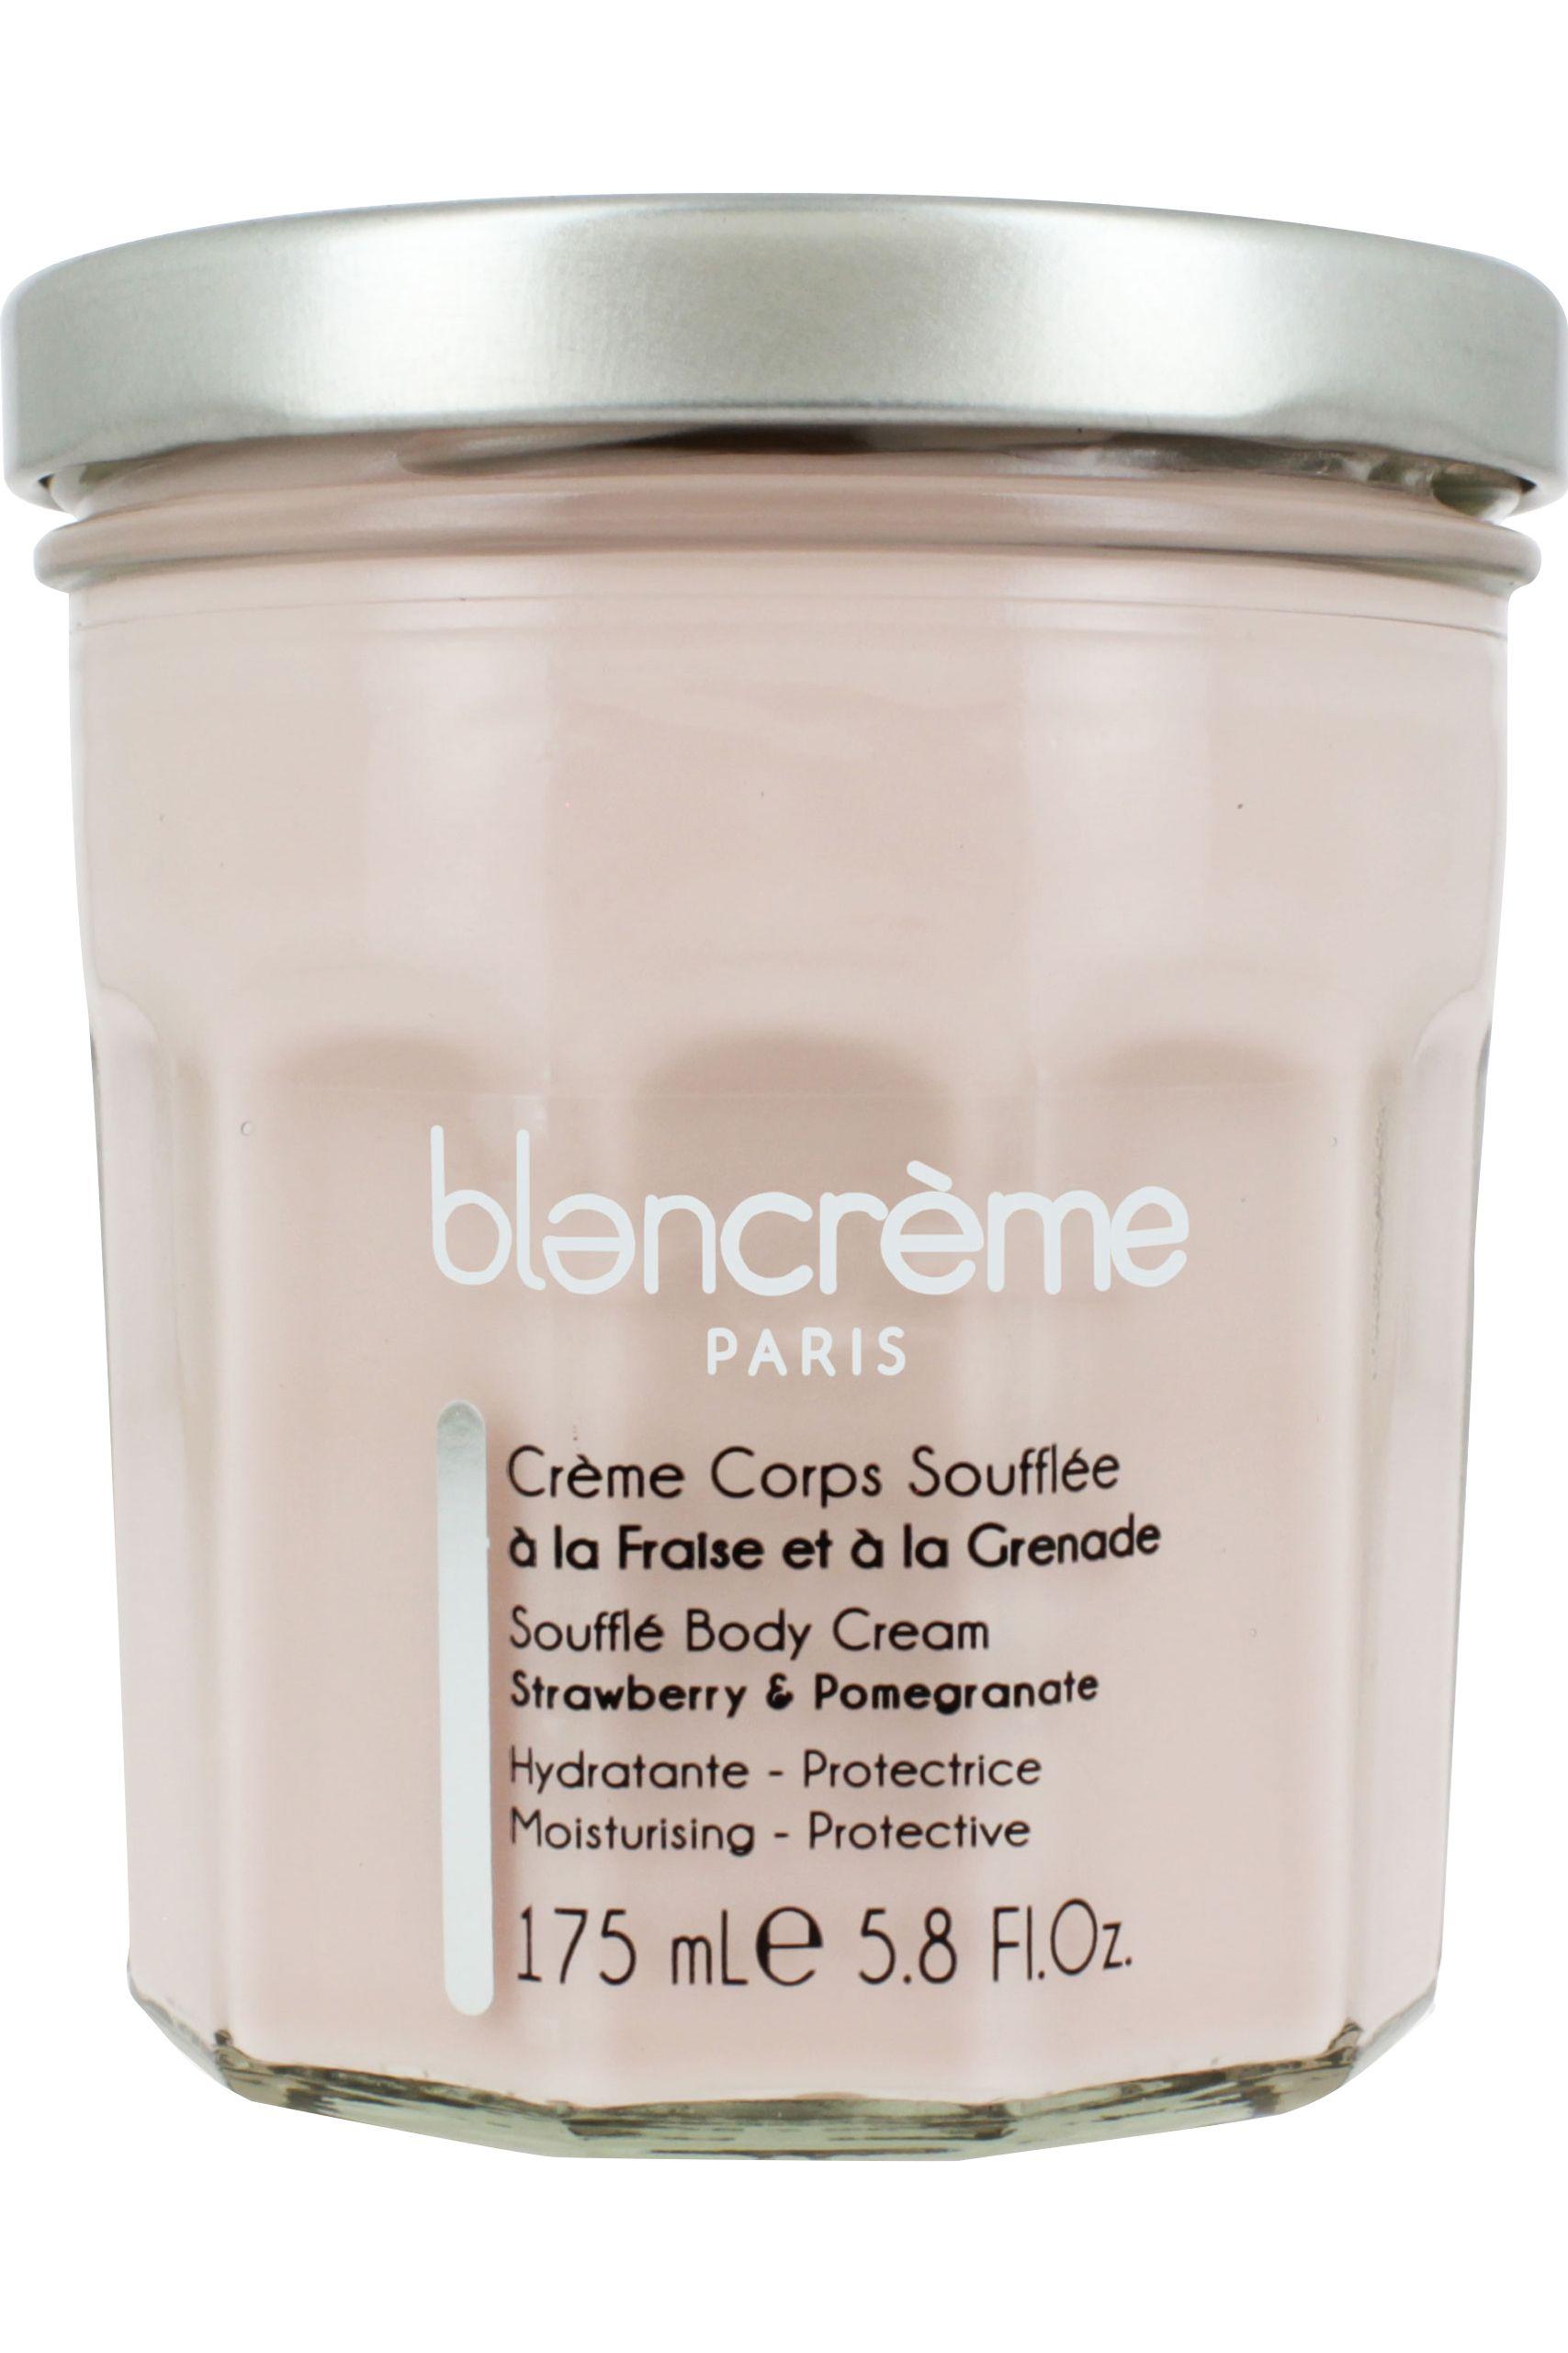 Blissim : Blancrème - Crème Corps Fraise Grenade - Crème Corps Fraise Grenade